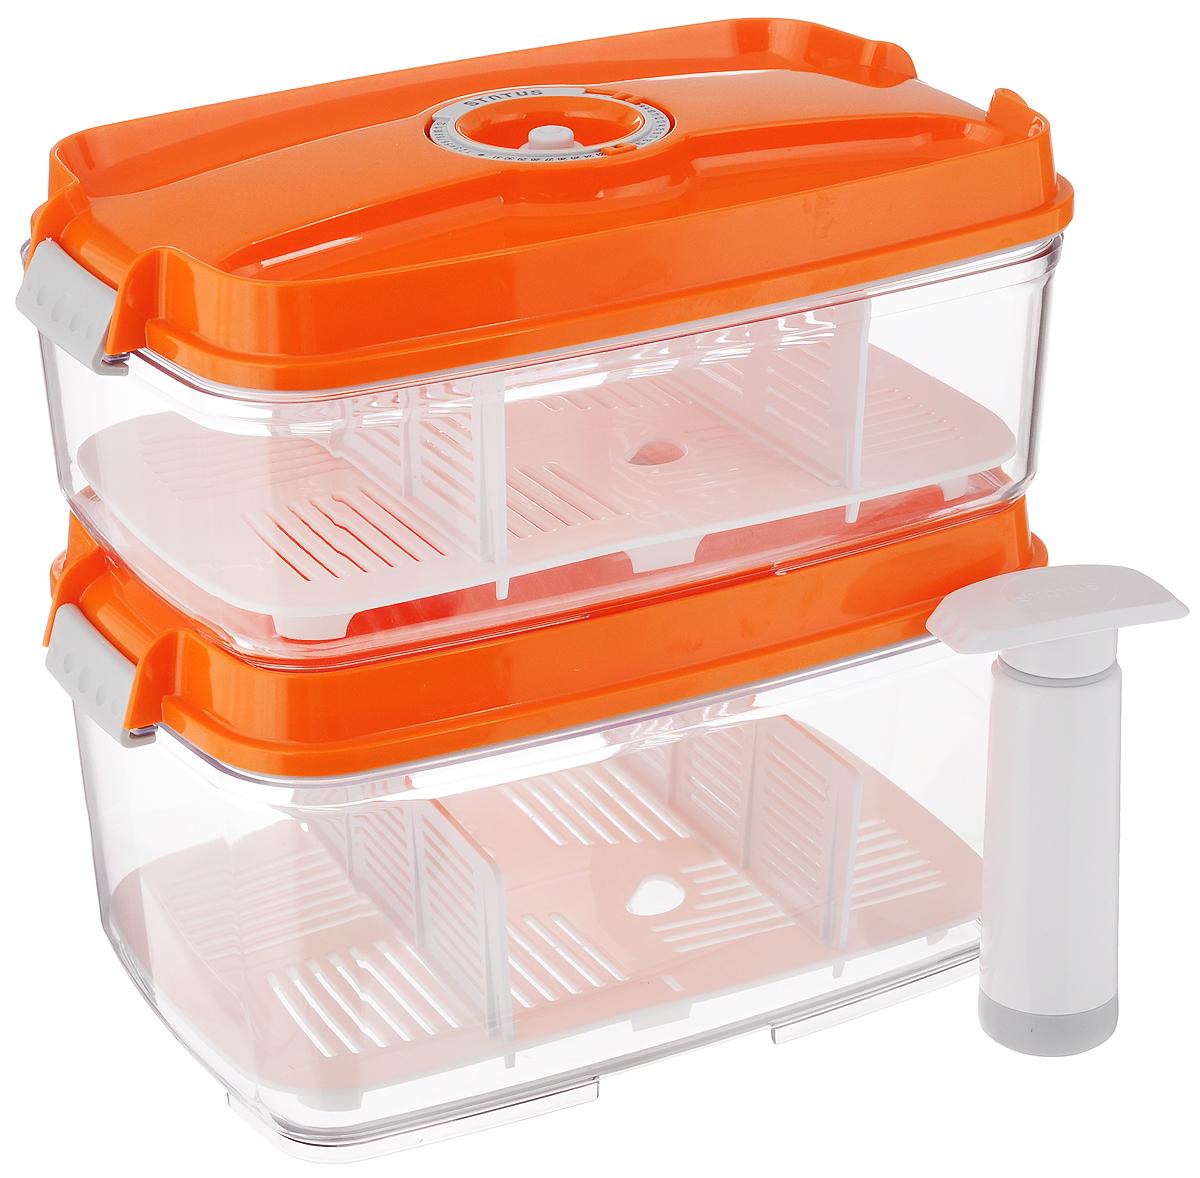 Набор вакуумных контейнеров Status, с индикатором даты срока хранения, цвет: прозрачный, оранжевый, 2 шт + ПОДАРОК: Вакуумный ручной насосVAC-REC-Bigger OrangeНабор вакуумных контейнеров Status выполнен из хрустально-прозрачного прочного тритана. Благодаря вакууму, продукты не подвергаются внешнему воздействию, и срок хранения значительно увеличивается, сохраняют свои вкусовые качества и аромат, а запахи в холодильнике не перемешиваются. Допускается замораживание до -21°C, мойка контейнеров в посудомоечной машине, разогрев в СВЧ (без крышки). Рекомендовано хранение следующих продуктов: макаронные изделия, крупа, мука, кофе в зёрнах, сухофрукты, супы, соусы. Каждый контейнер имеет индикатор даты, который позволяет отмечать дату конца срока годности продуктов. К каждому контейнеру прилагаются 2 разделителя и поддон. В комплекте также имеется вакуумный ручной насос, с помощью которого одним простым движением можно быстро выкачать воздух из контейнера.Объем первого контейнера: 3 л.Объем второго контейнера: 4,5 л.Размер двух контейнеров (по верхнему краю): 27 х 18,5 см.Высота первого контейнера (без учета крышки): 8,5 см.Высота второго контейнера (без учета крышки): 12,5 см.Высота первого контейнера (с учетом крышки): 11,5 см.Высота второго контейнера (с учетом крышки): 15,5 см.Размер поддонов: 25,5 х 16,5 см.Длина насоса (в сложенном виде): 14,2 см.Длина насоса (в разложенном виде): 22,7 см.